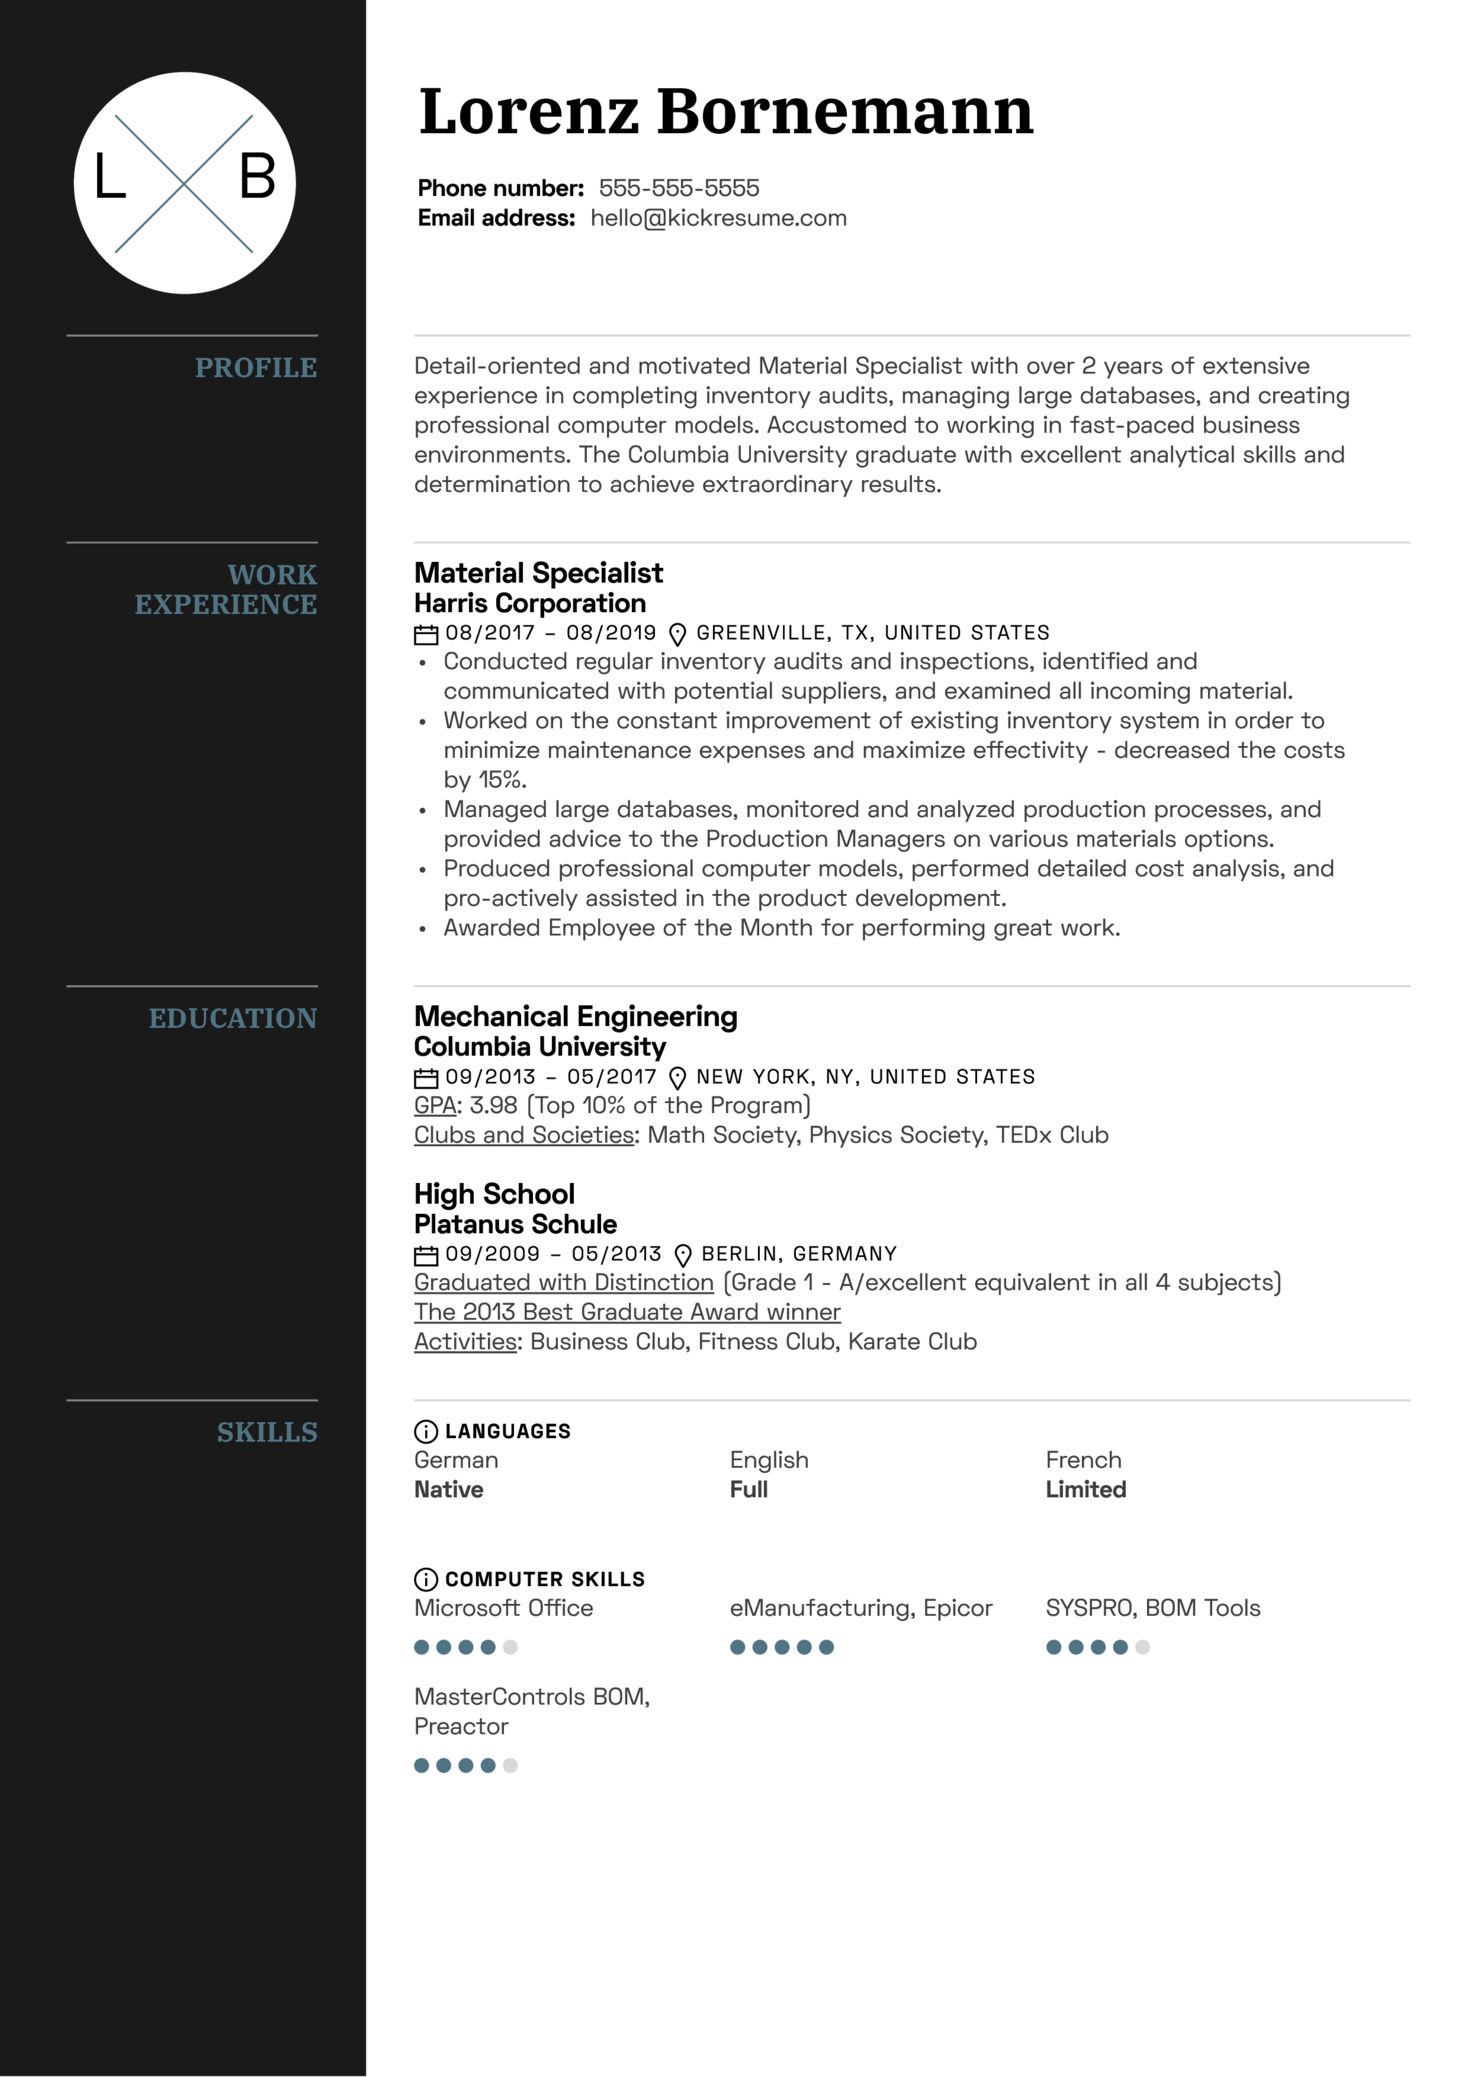 Material Specialist Resume Sample (časť 1)